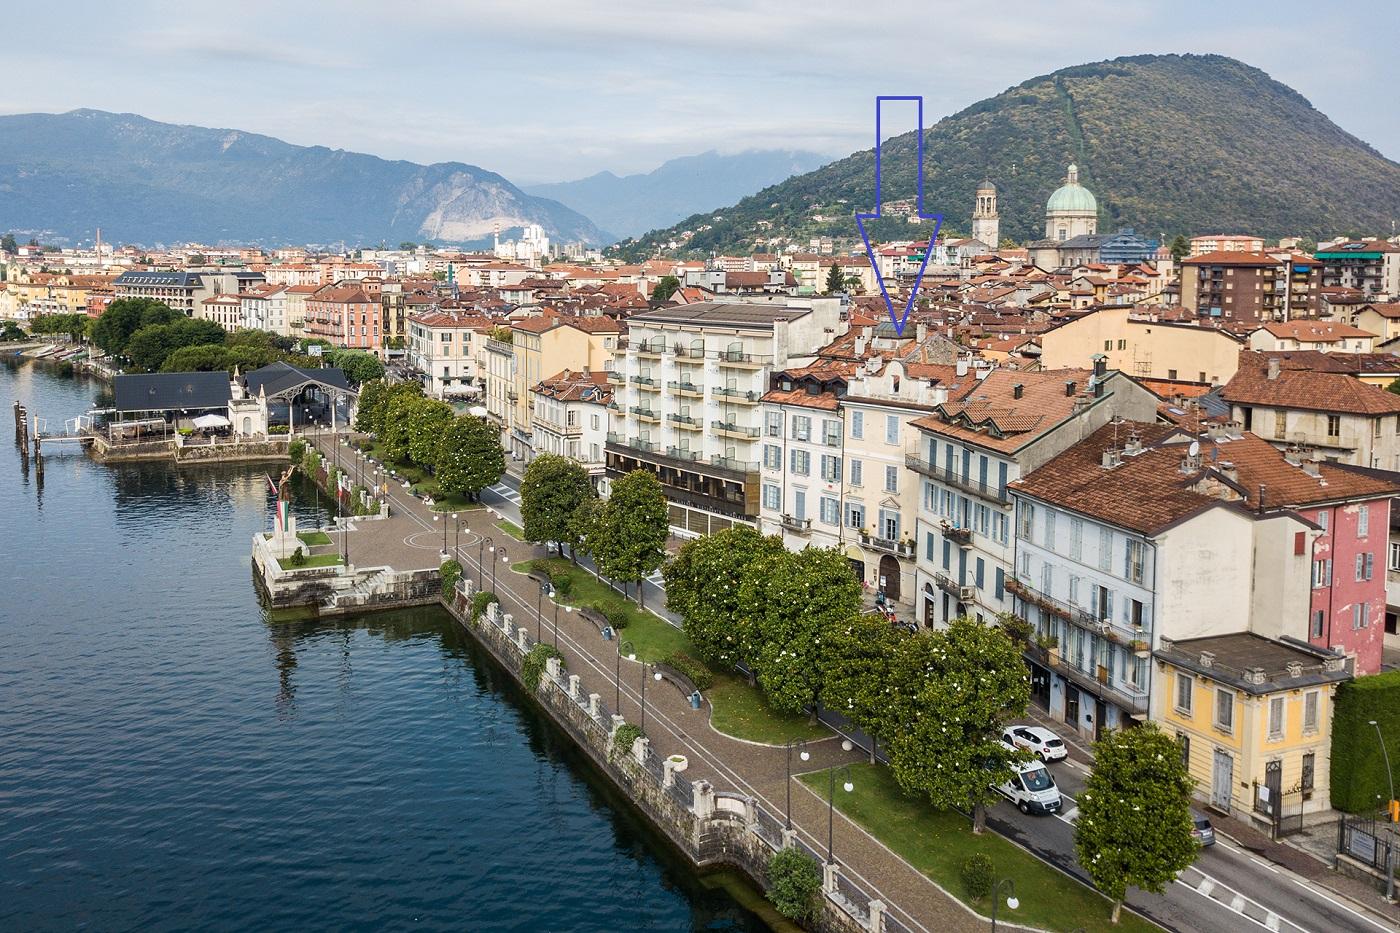 Ferienwohnung La Finestra sul lago luxuriöse Wohnung am Seeufer von Verbania (2811401), Intra, Lago Maggiore (IT), Piemont, Italien, Bild 34